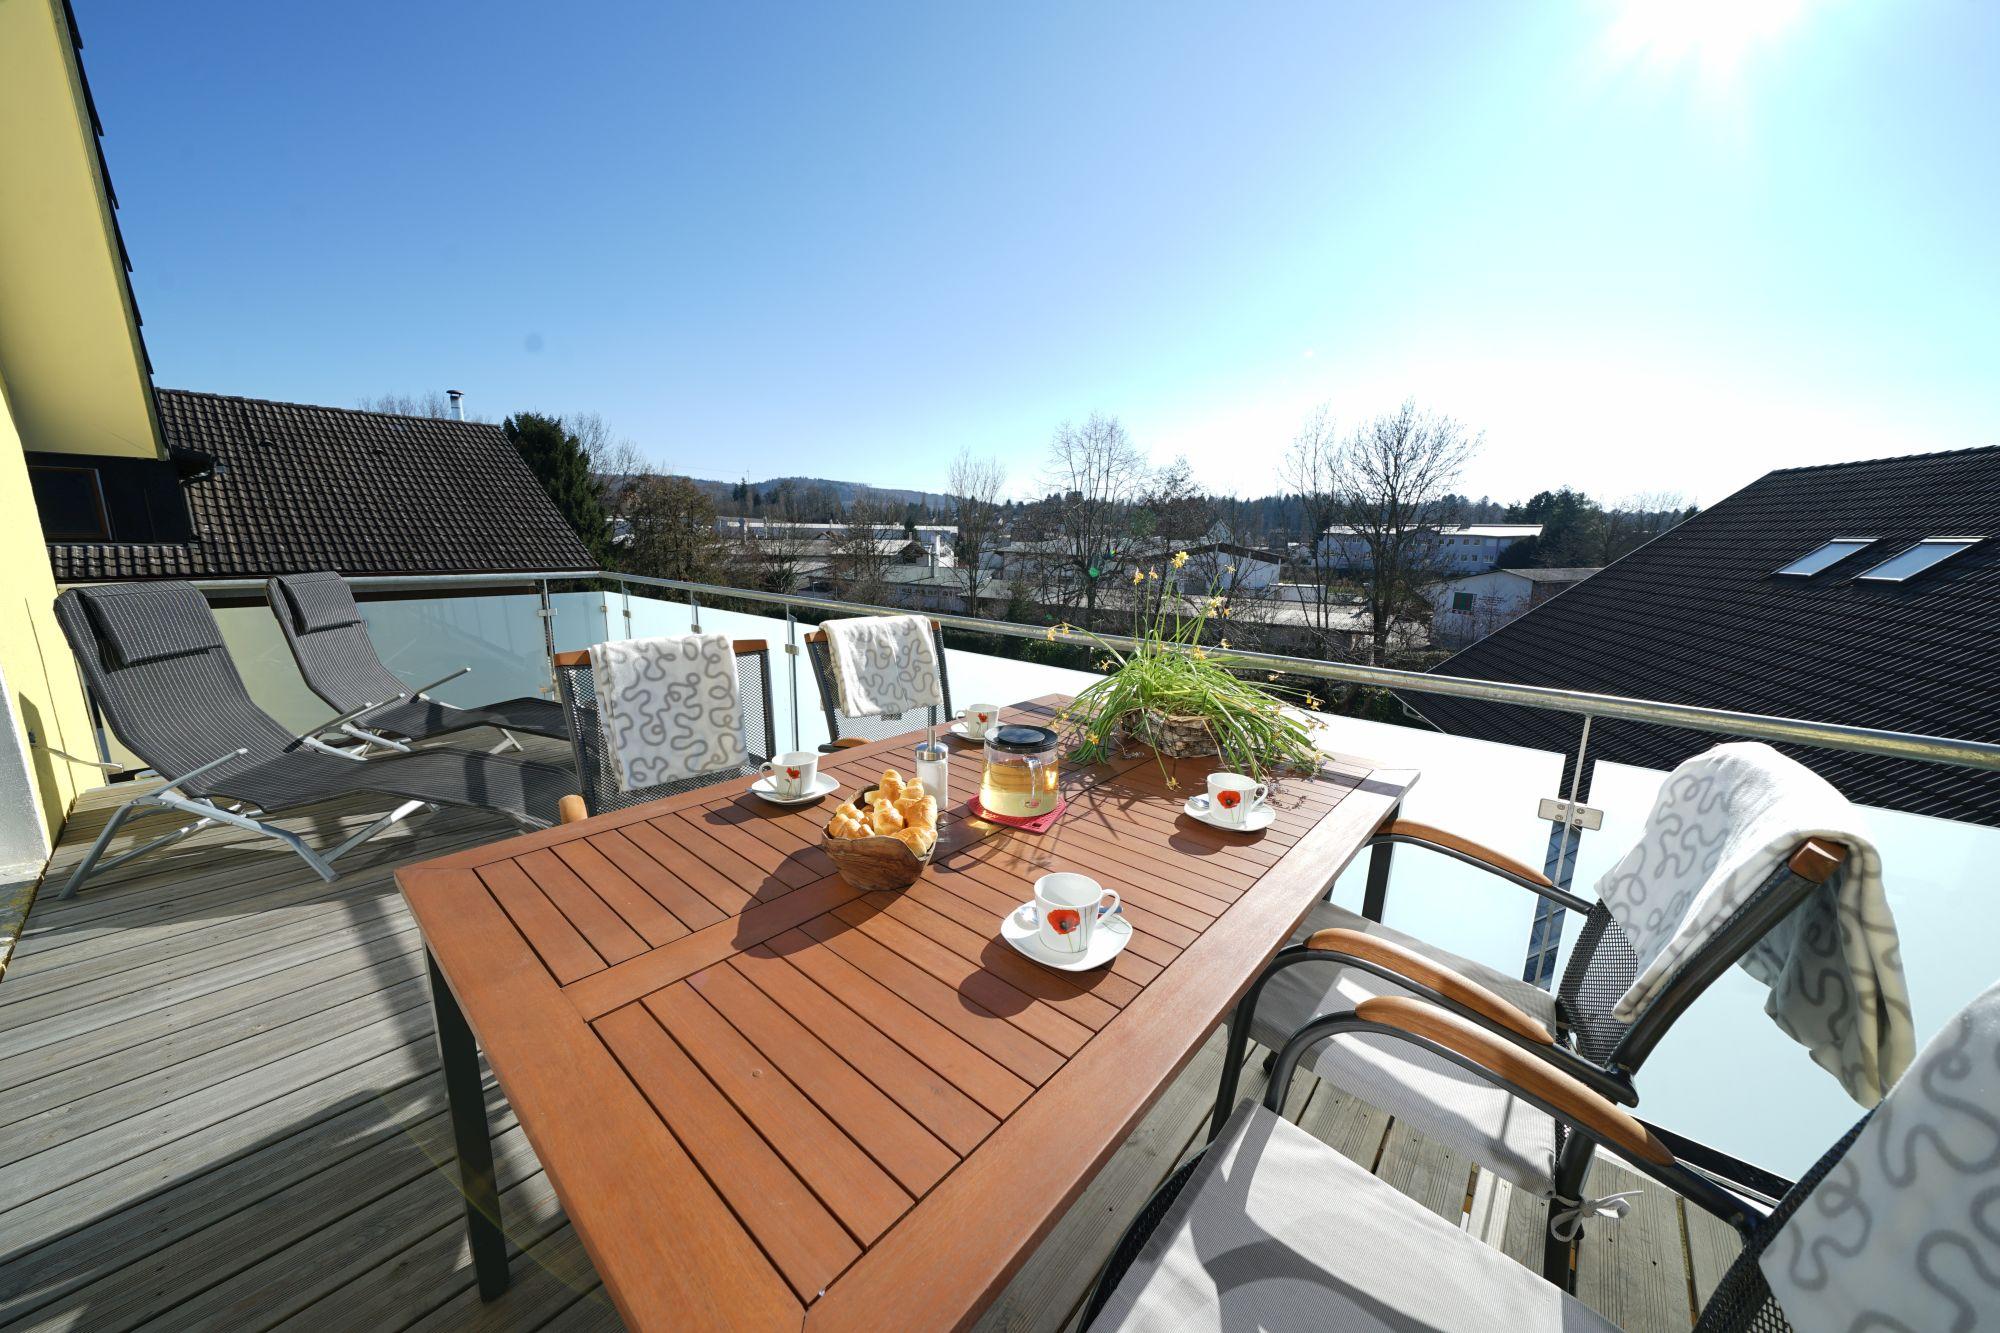 Genießen Sie sonnige Stunden auf dem 13m² großen Balkon.